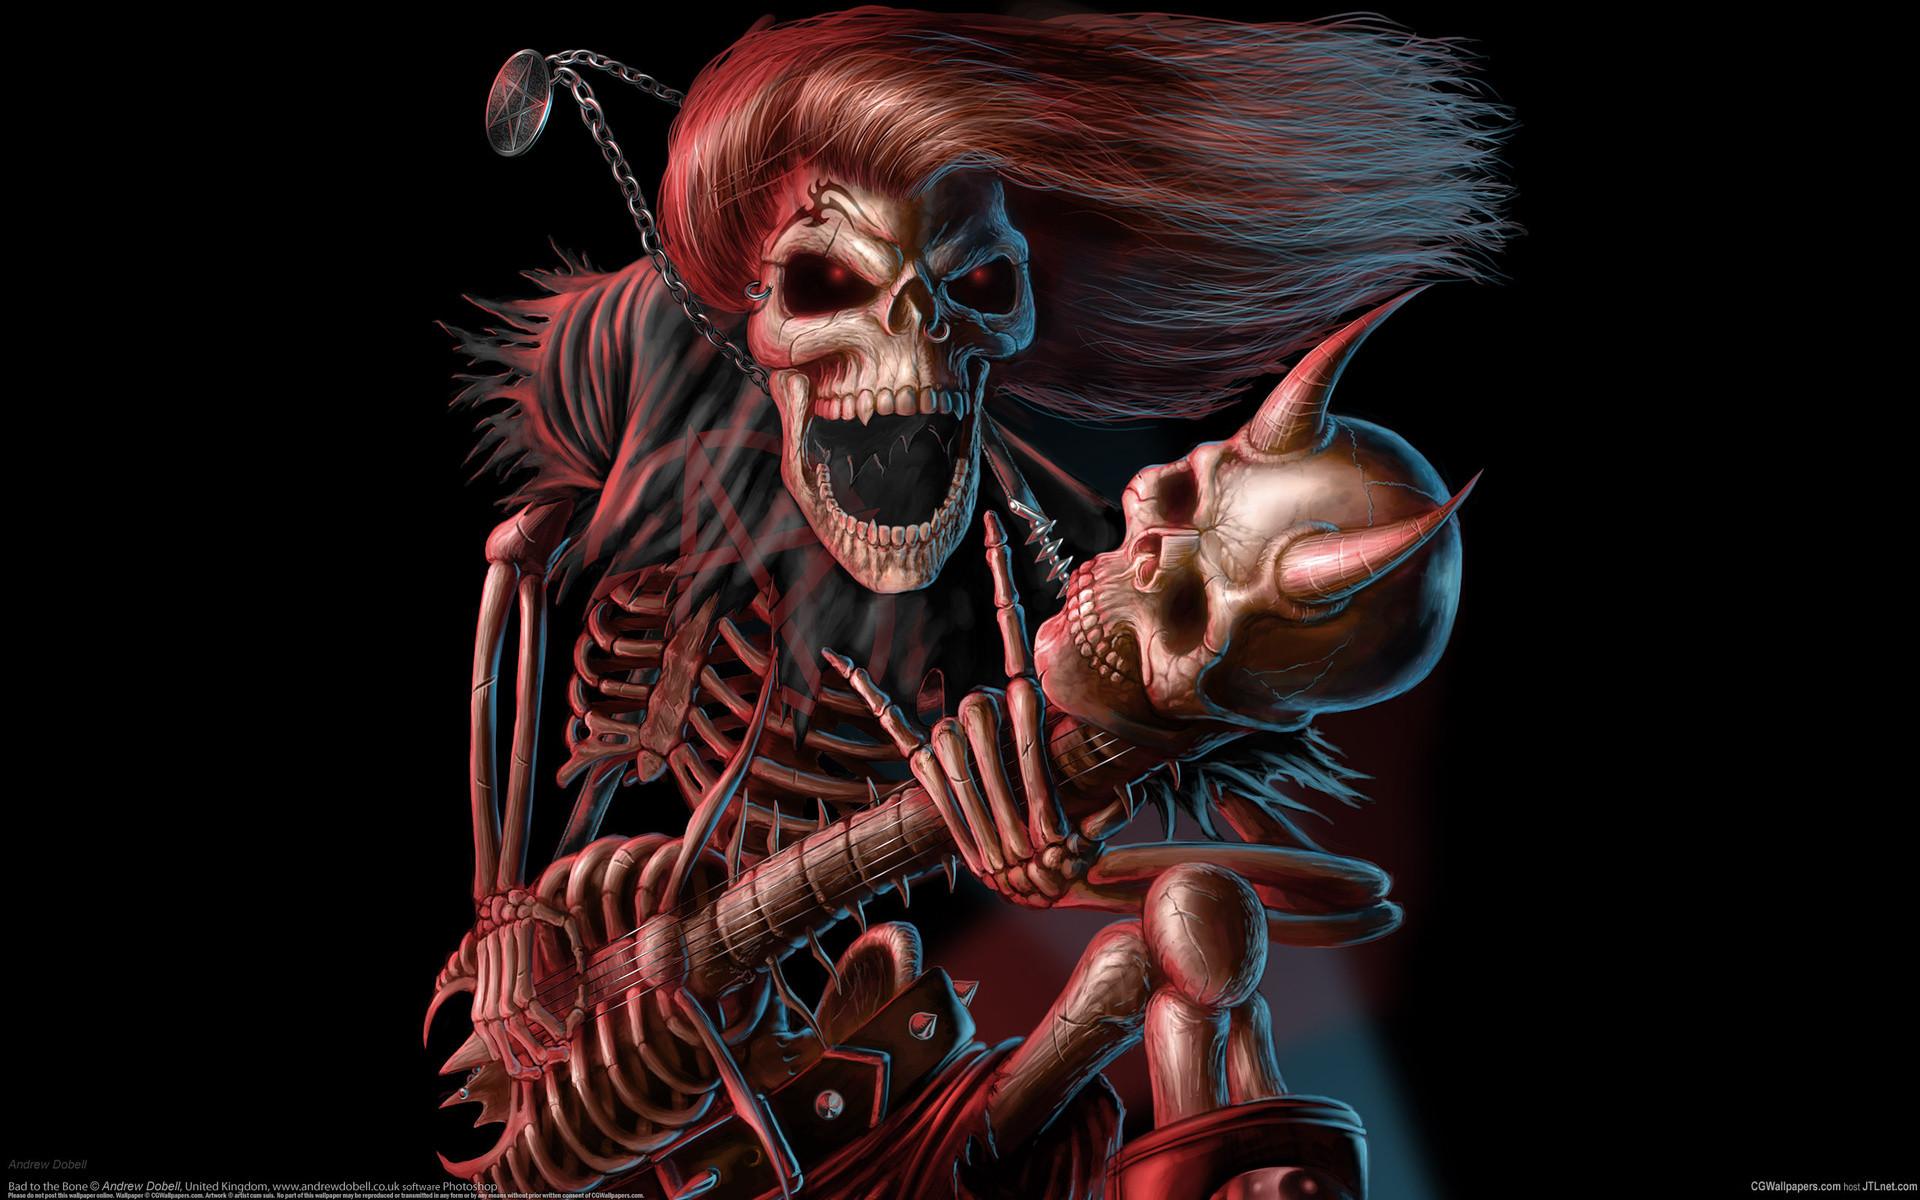 Dark music reaper skeleton skull guitars evil scary spooky halloween horns  fantasy bones scream smile grimace wallpaper | | 25756 |  WallpaperUP